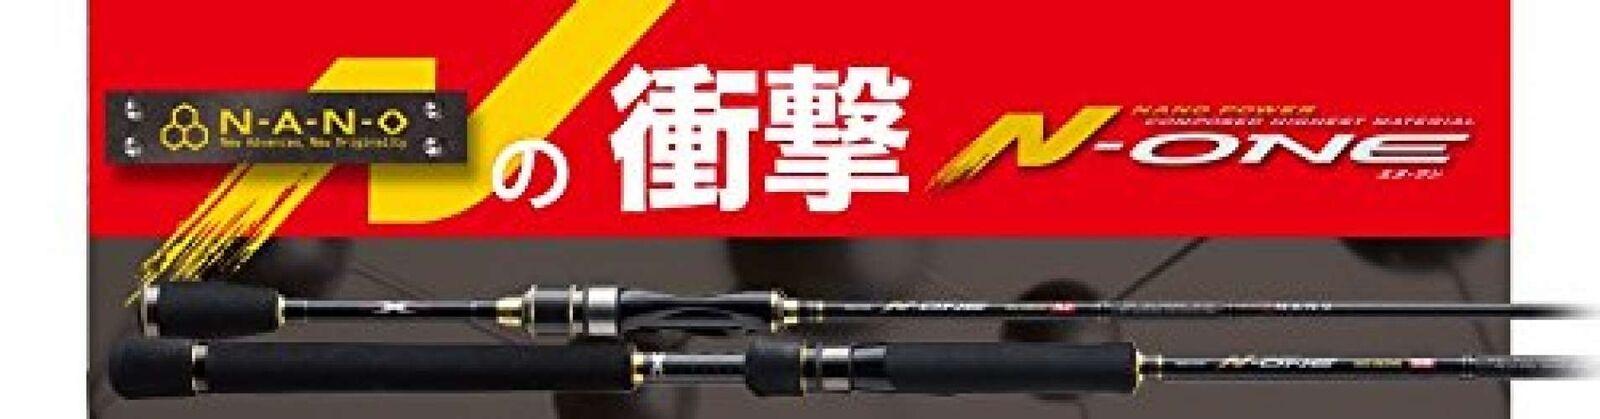 Major Craft N una serie Giratorio Caña Storm T762 L BF 9241 F S de Japón